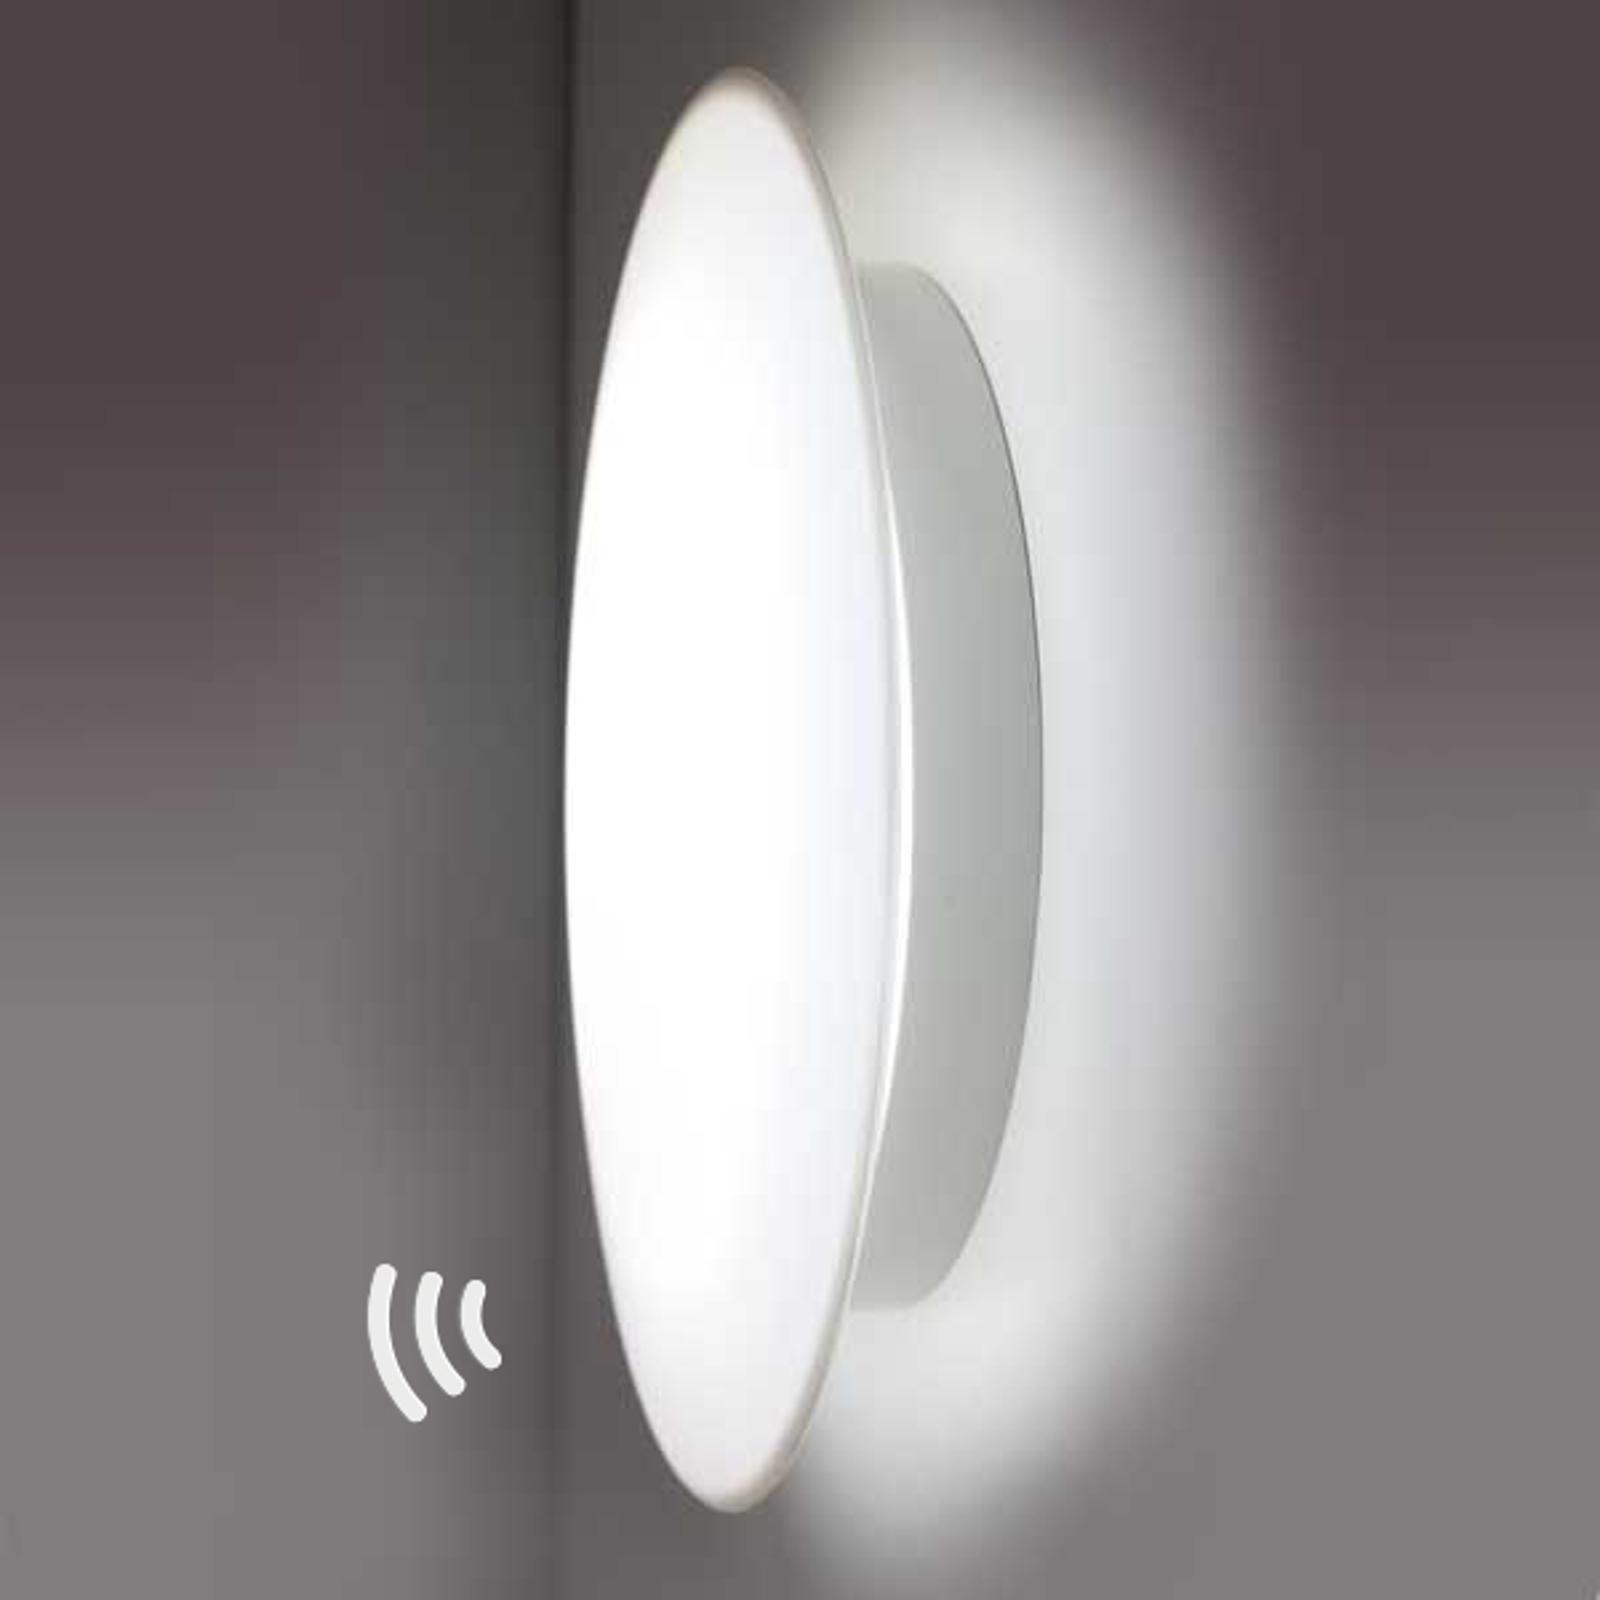 LED-Wandleuchte Sun 3 4.000K 13W mit Sensor